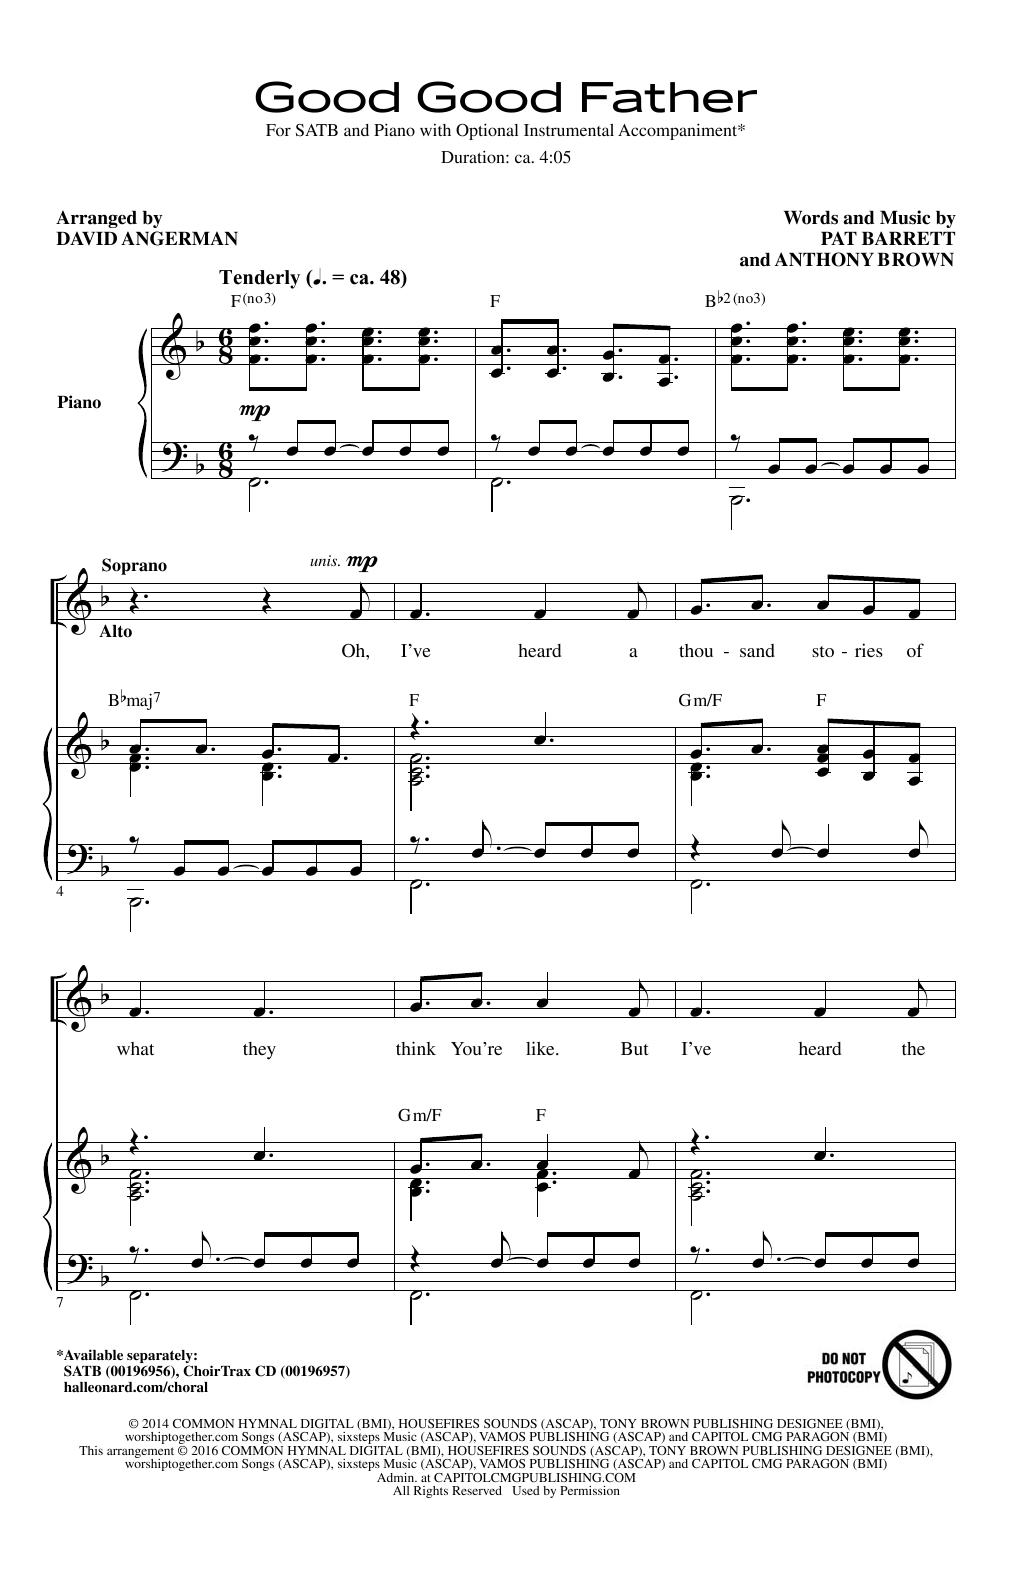 Good Good Father (arr. David Angerman) (SATB Choir)